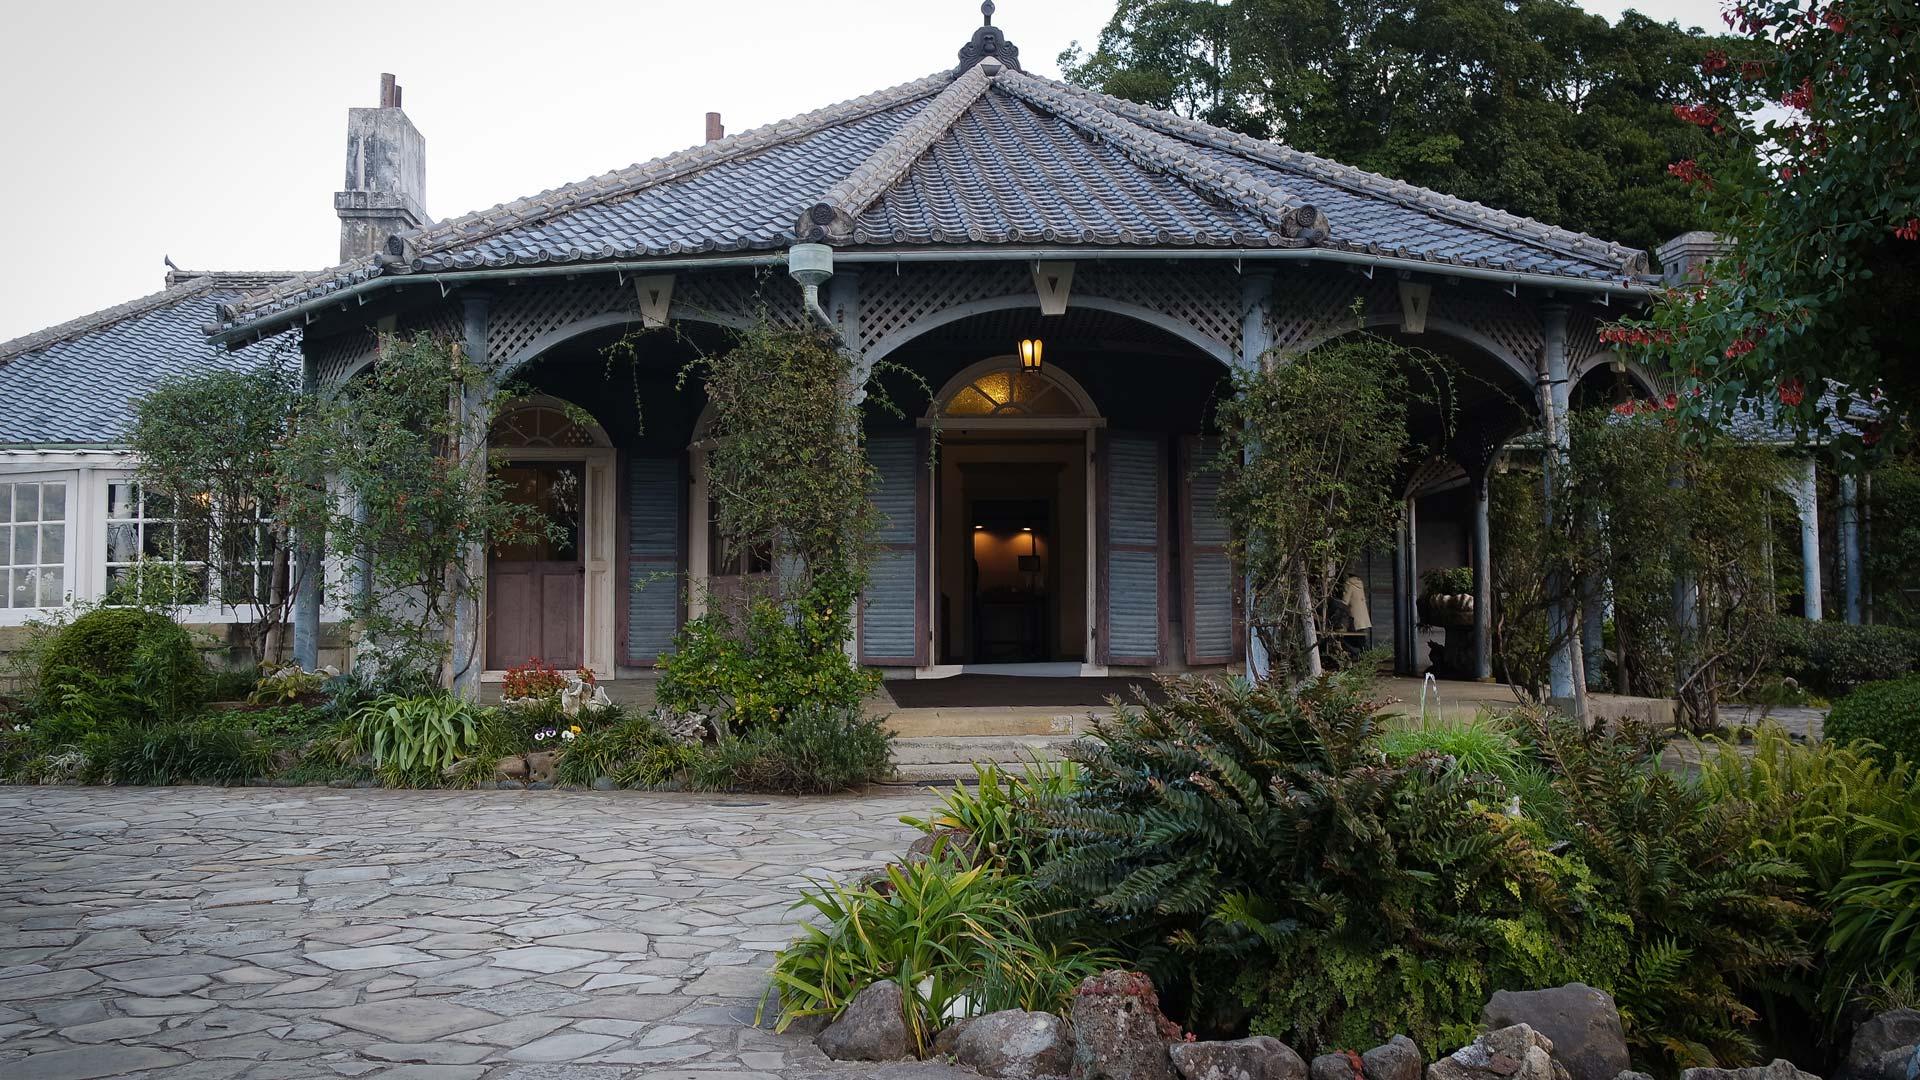 Glover residence à Glover Garden, préfecture de Nagasaki